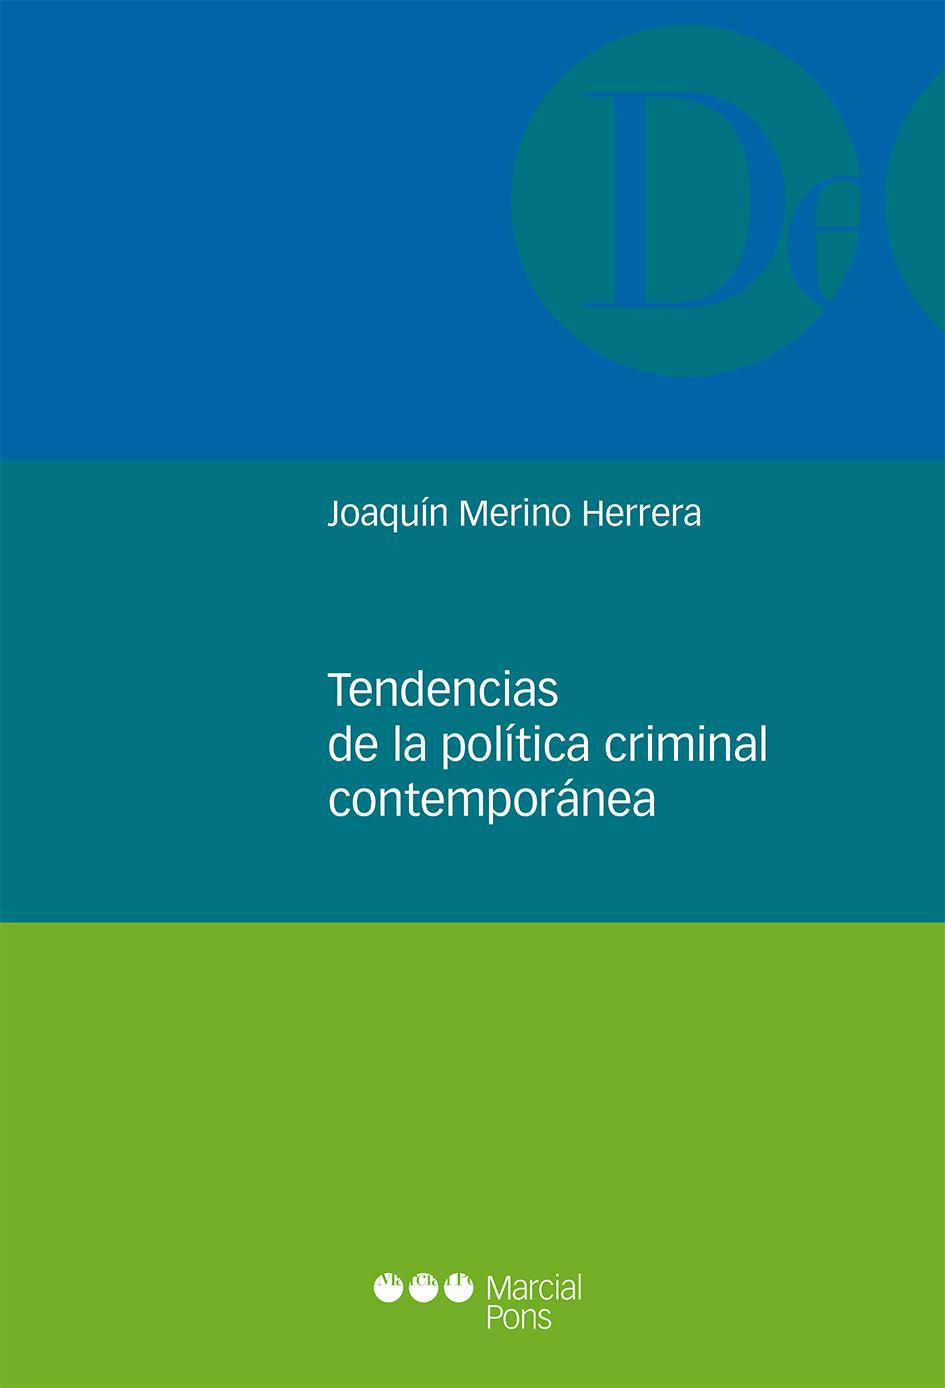 Tendencias de la política criminal contemporánea